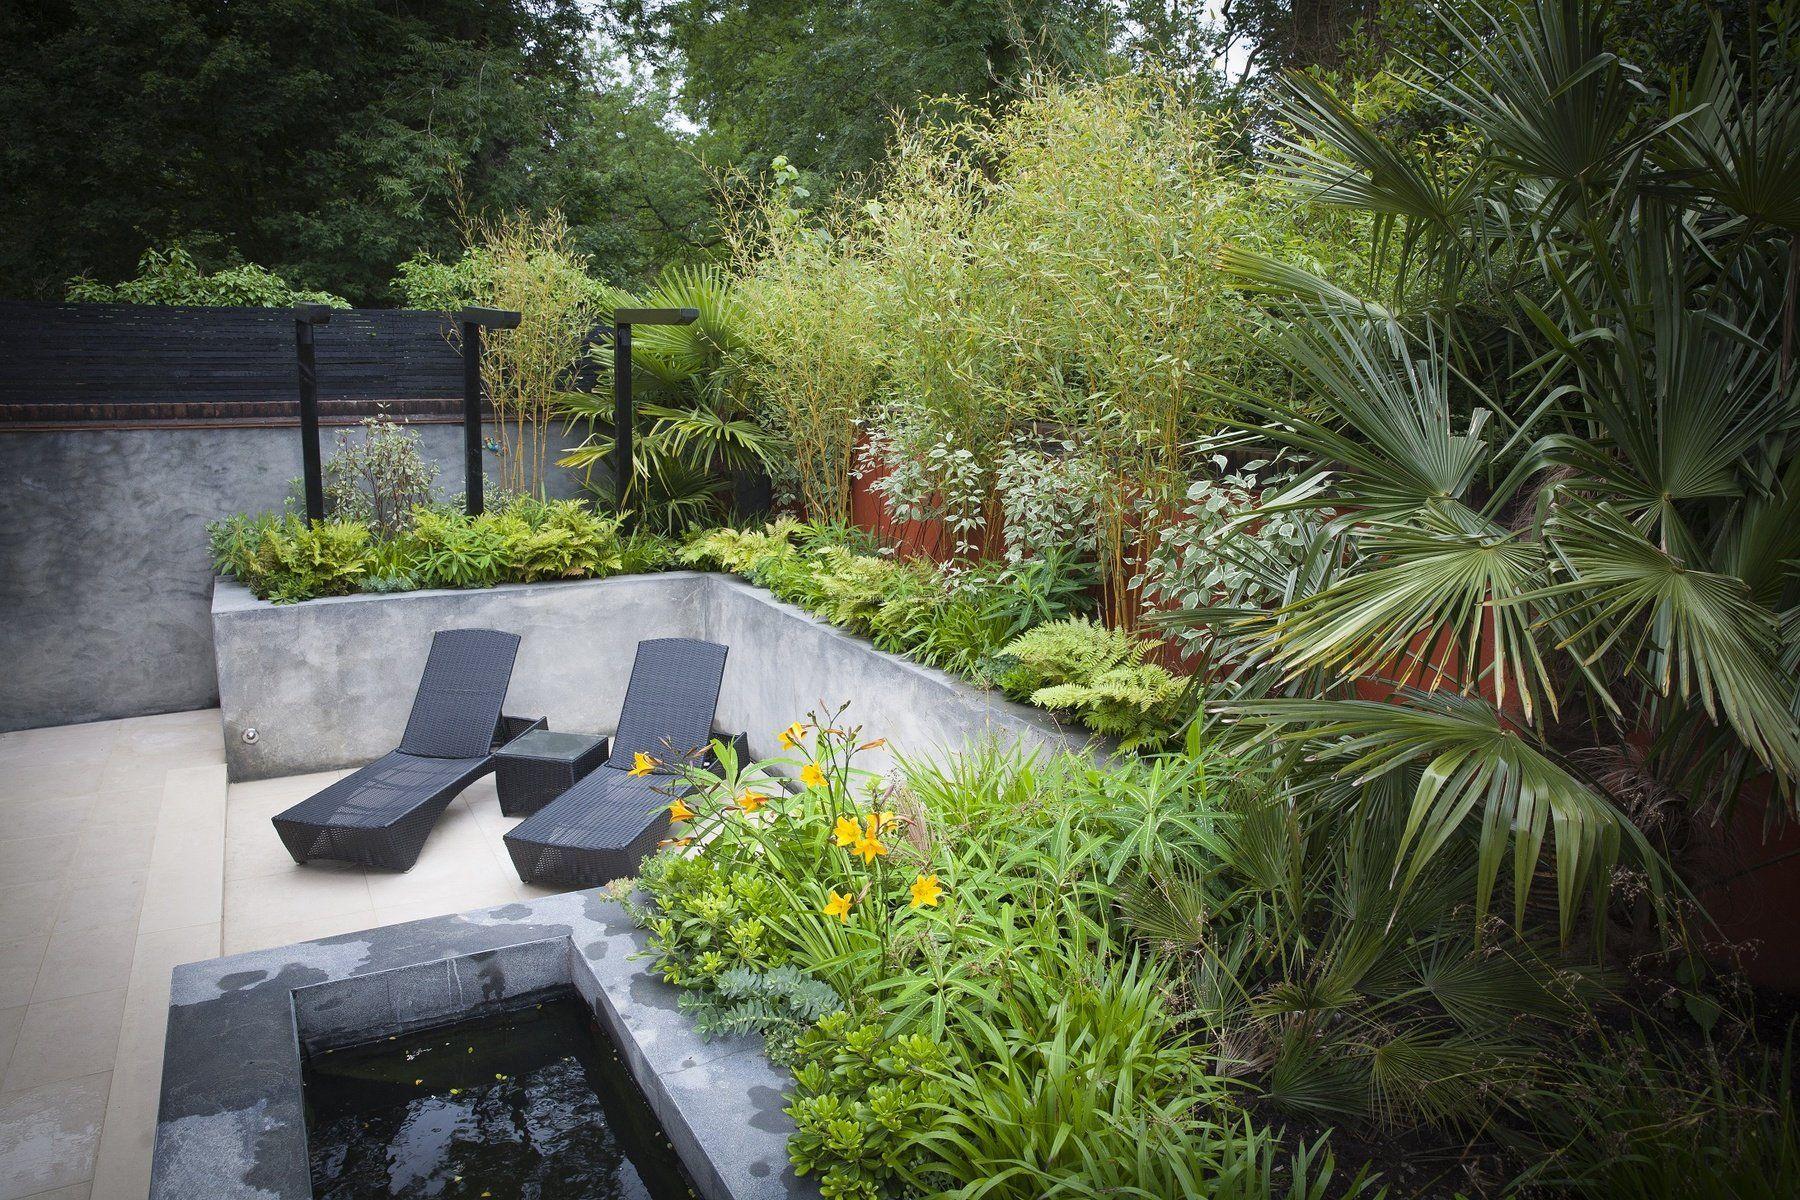 私家庭院景观设计_最漂亮的农家小院图片